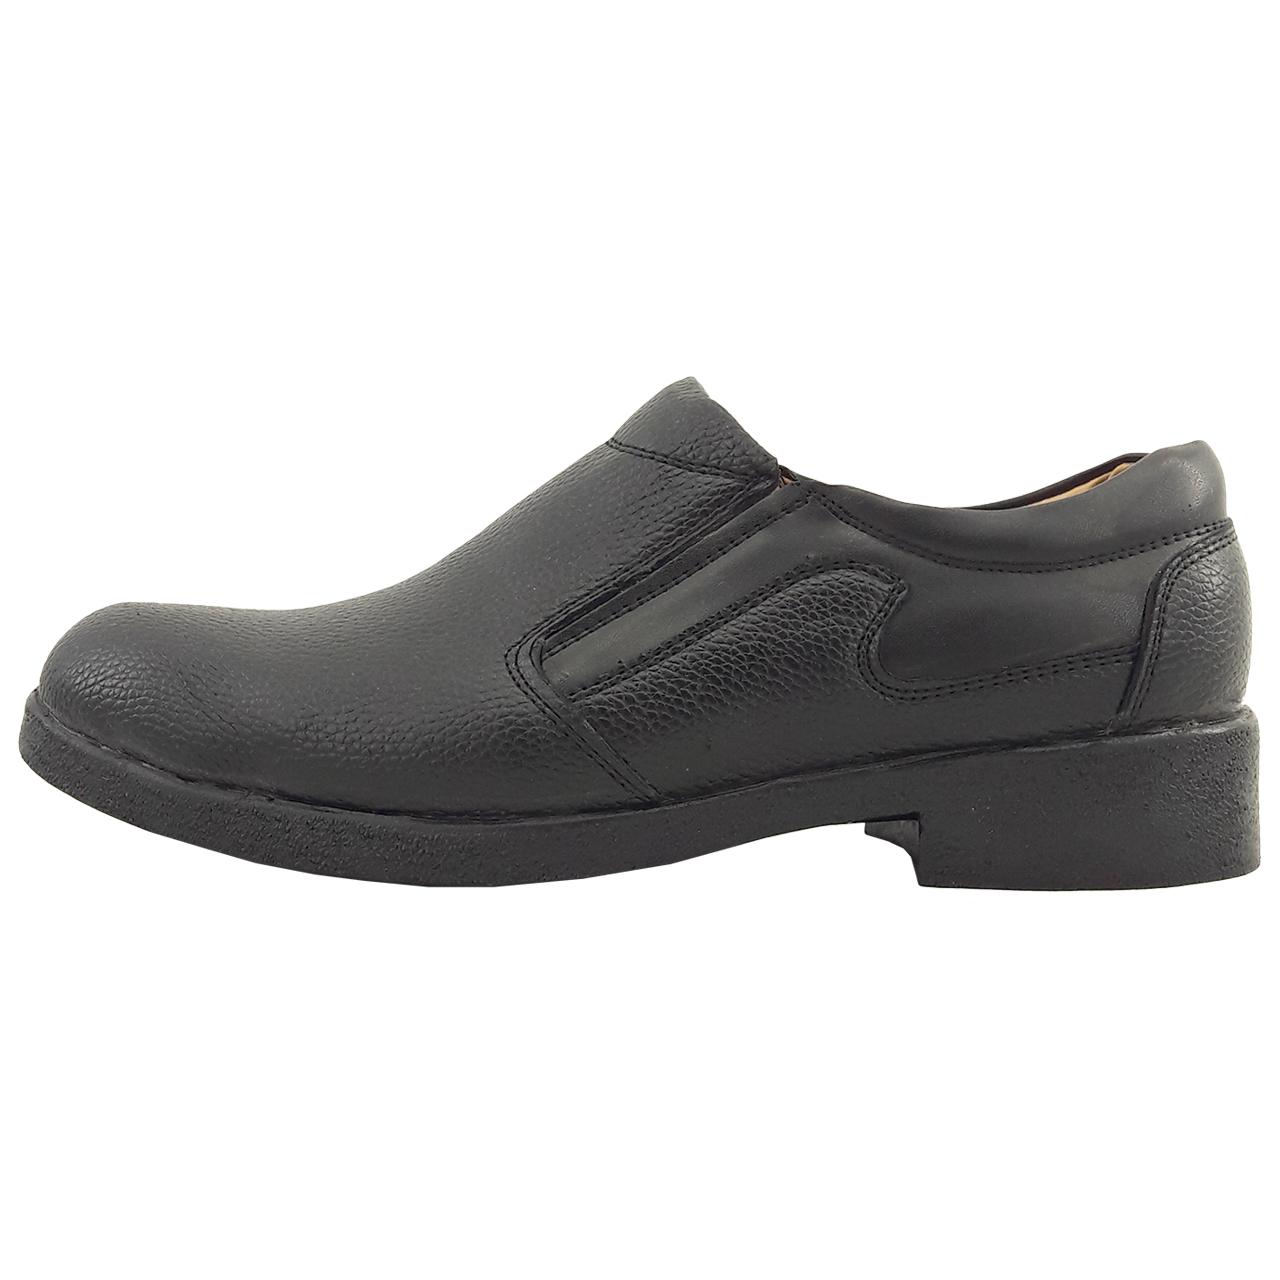 قیمت کفش مردانه مدل sd-bl01